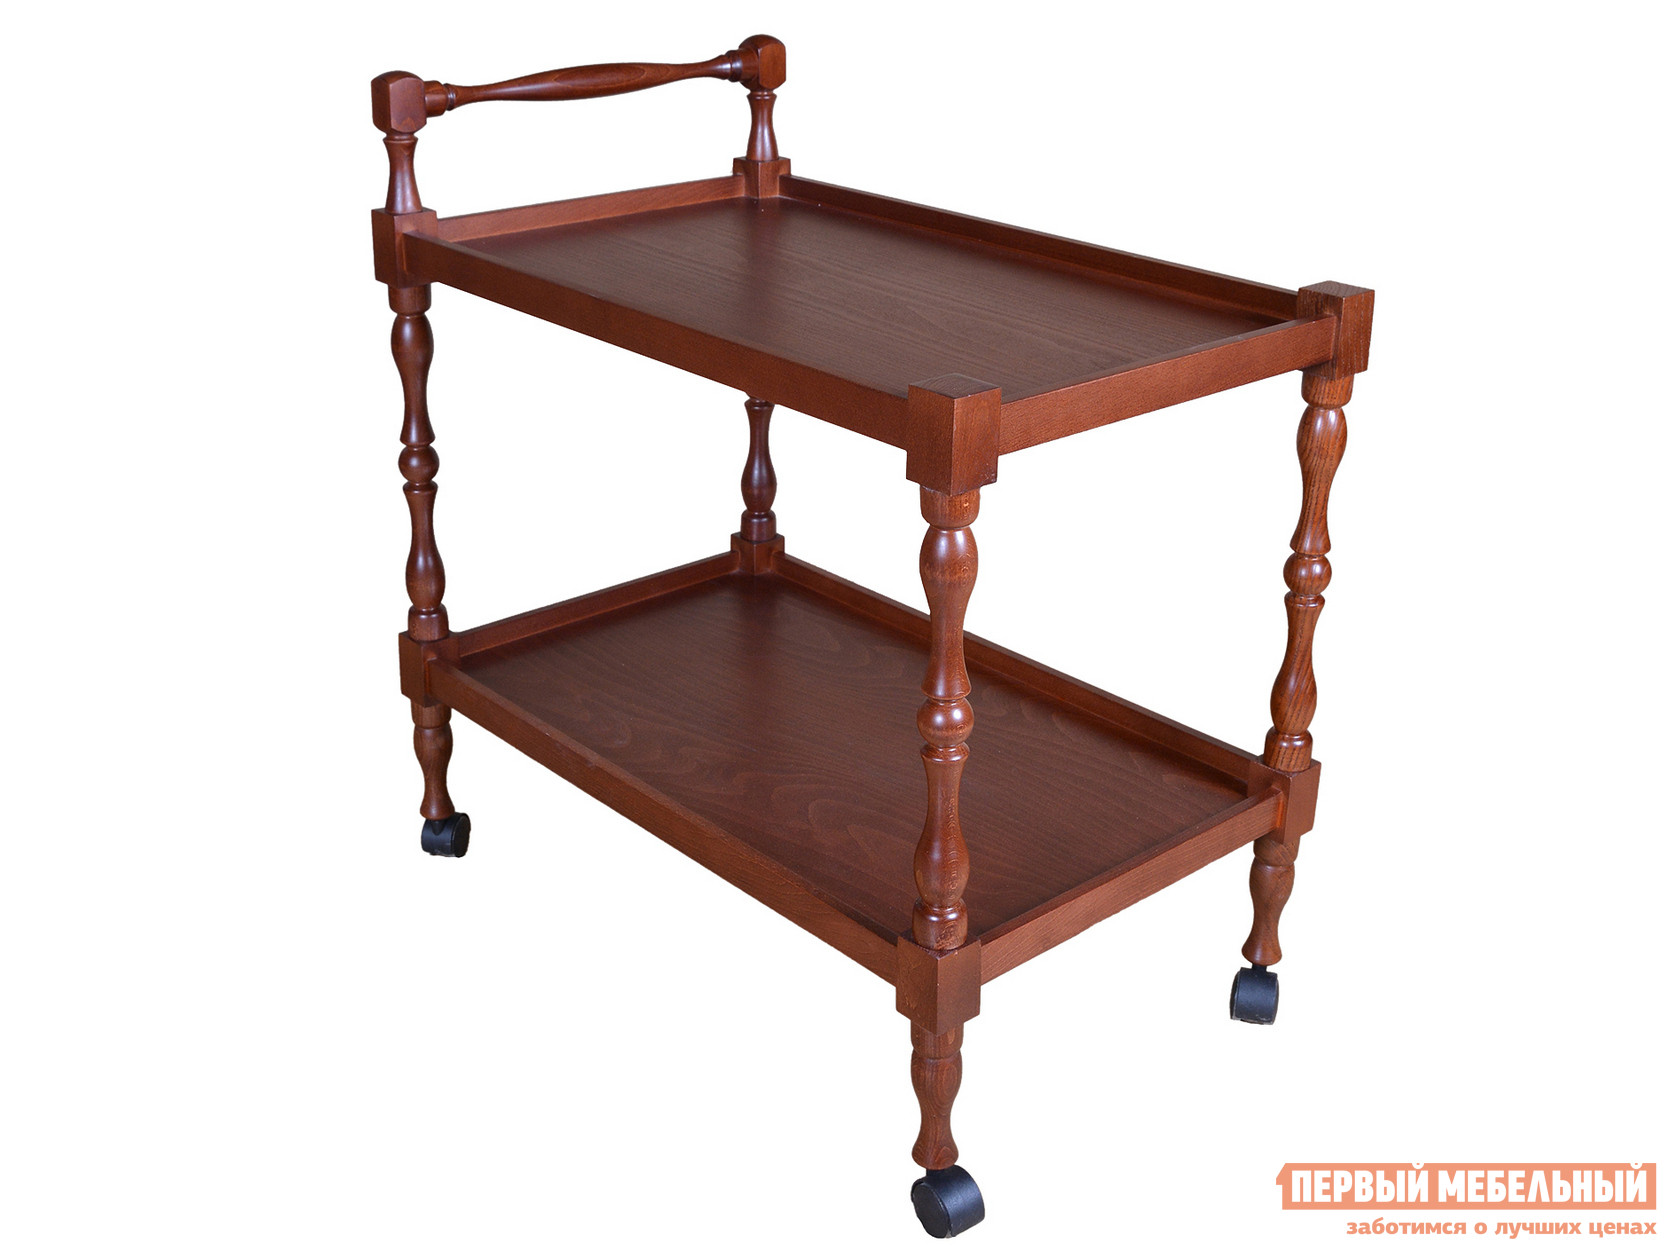 Сервировочный столик Мебелик Стол сервировочный Бридж